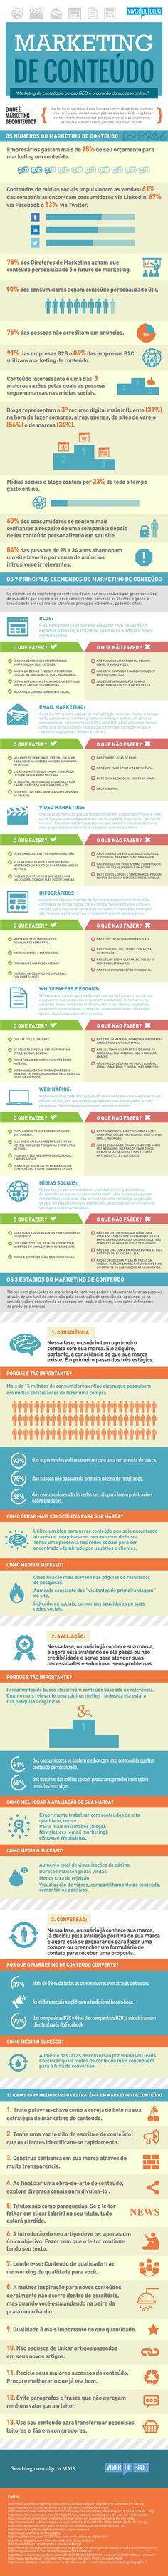 Marketing de conteúdo: como e porque as empresas utilizam #infografico